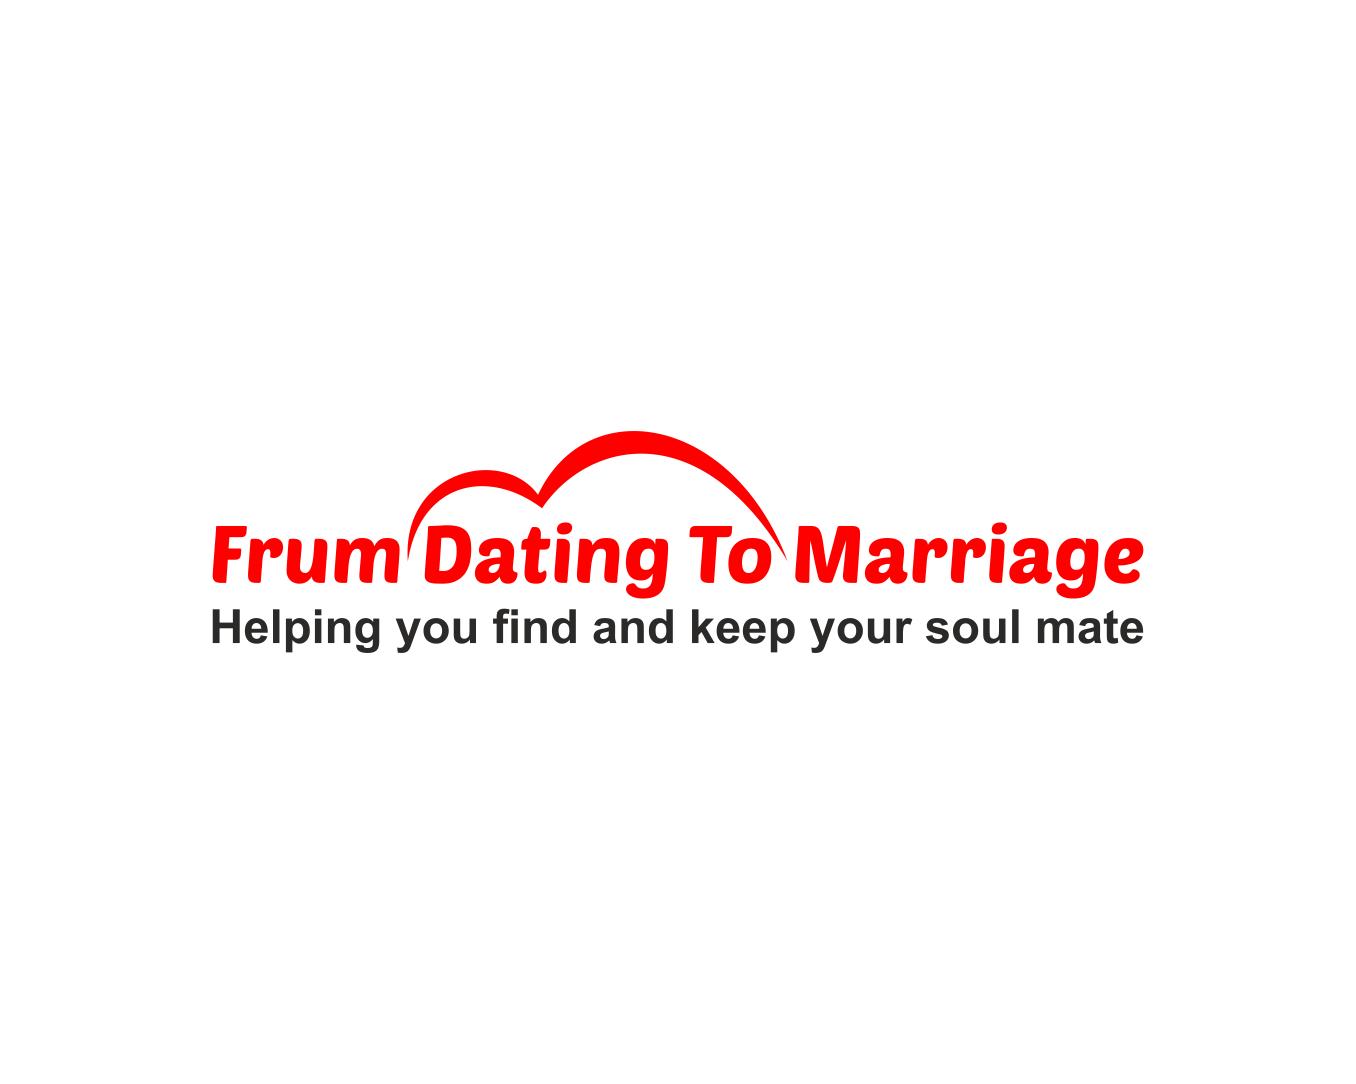 frum dating datování řádků profilu